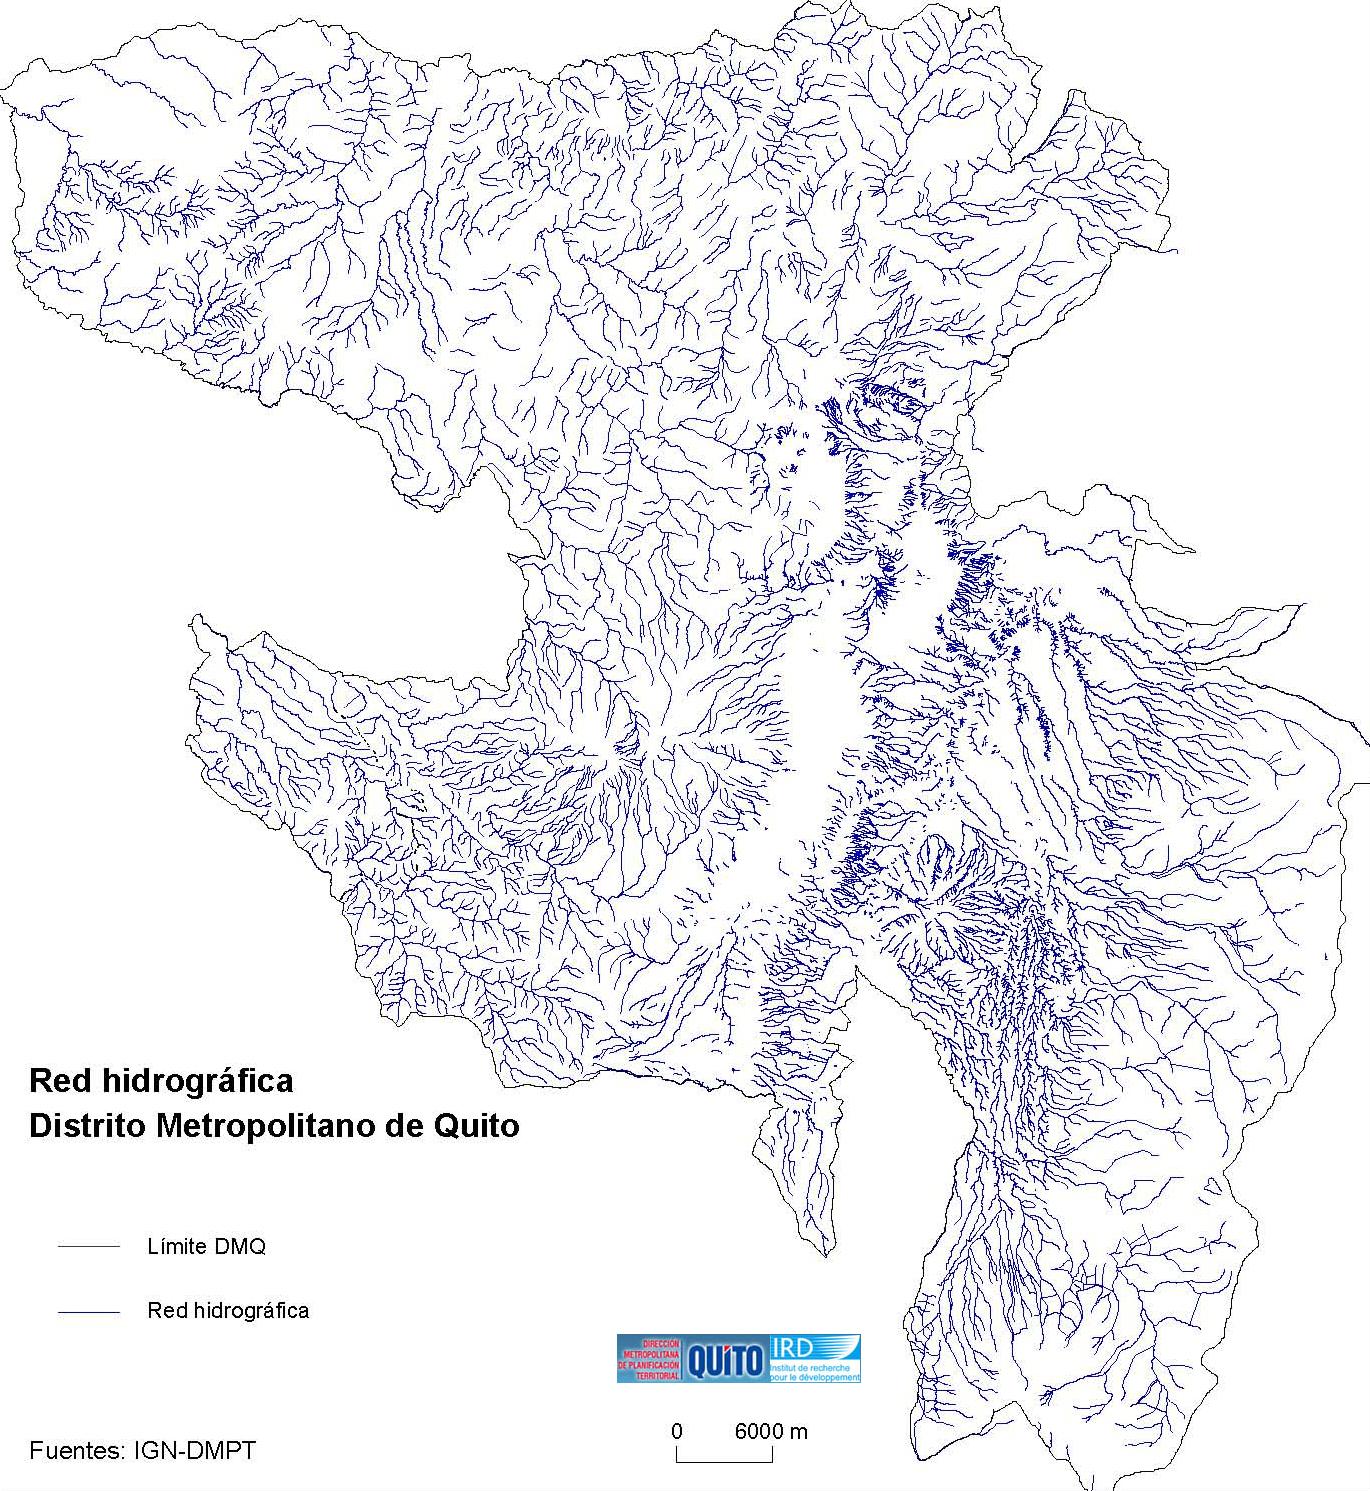 Red hidrográfica del Distrito Metropolitano de Quito